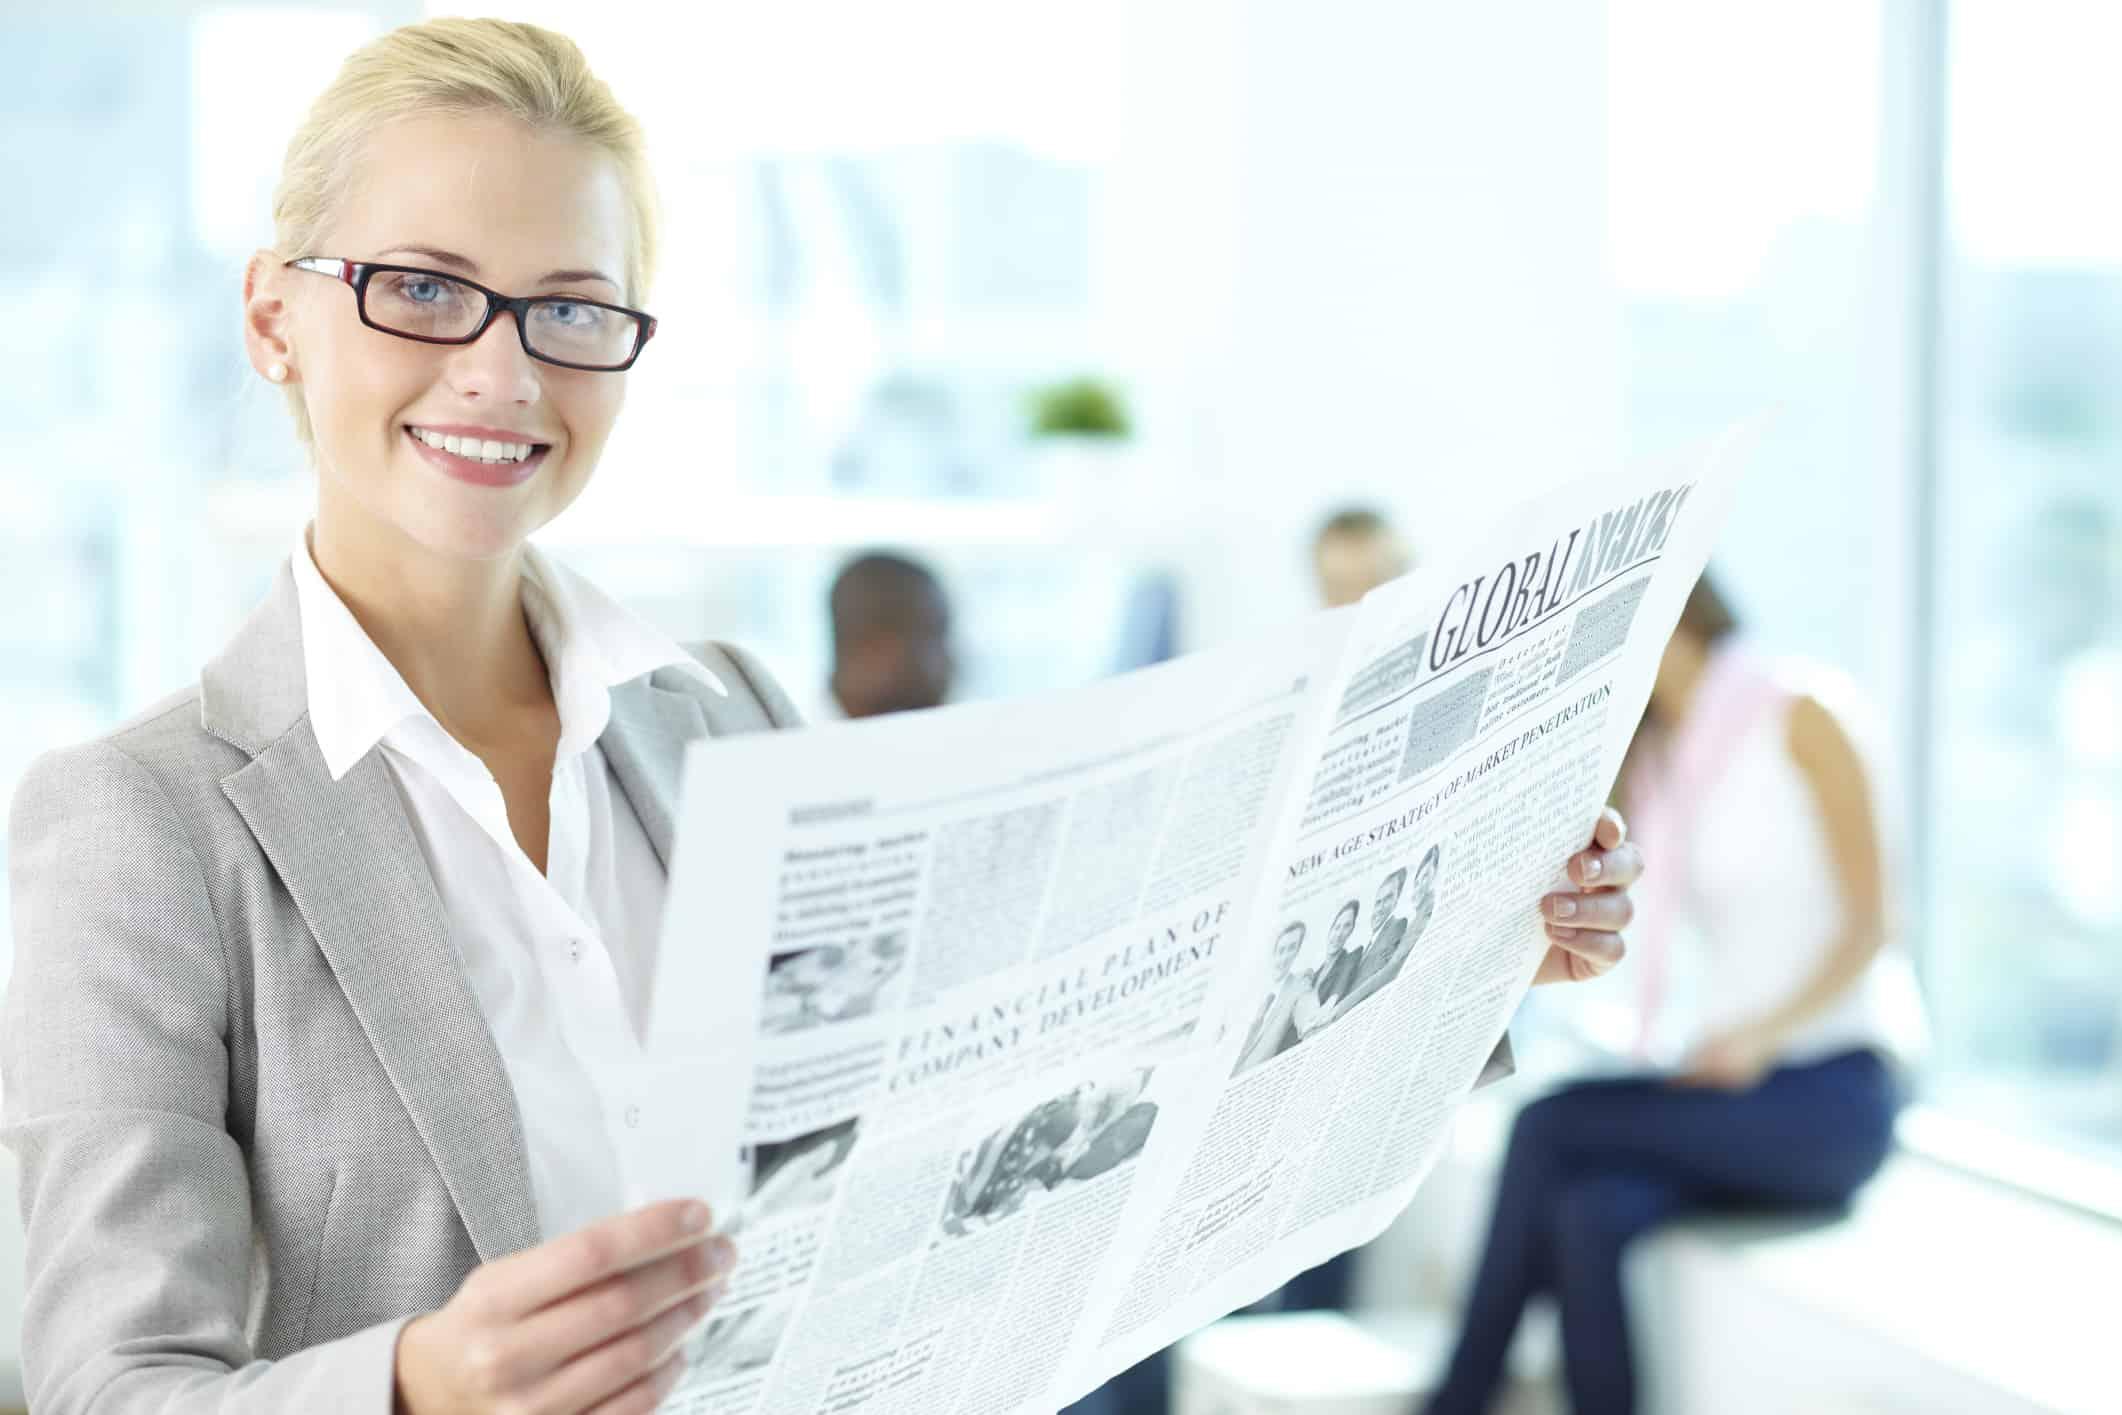 Personalsuche: Stellenanzeigen gestalten und schalten